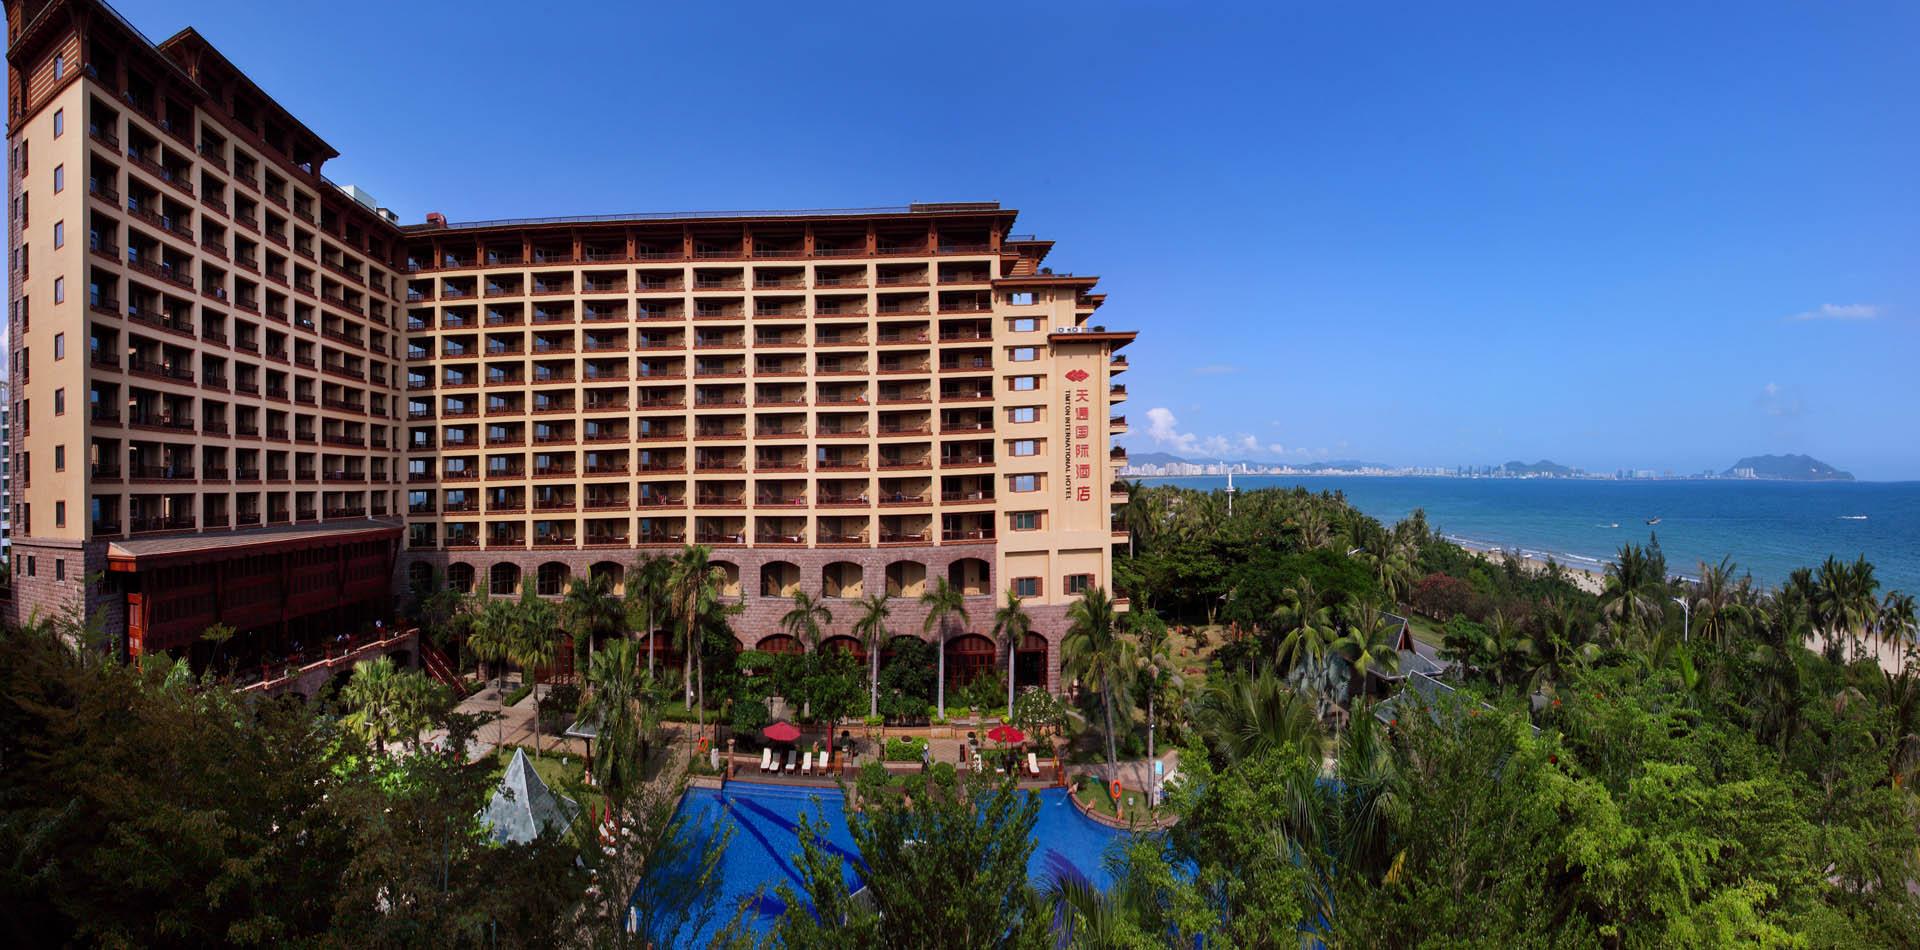 时尚的设计理念,是一家服务设施人性化的海景度假酒店.图片